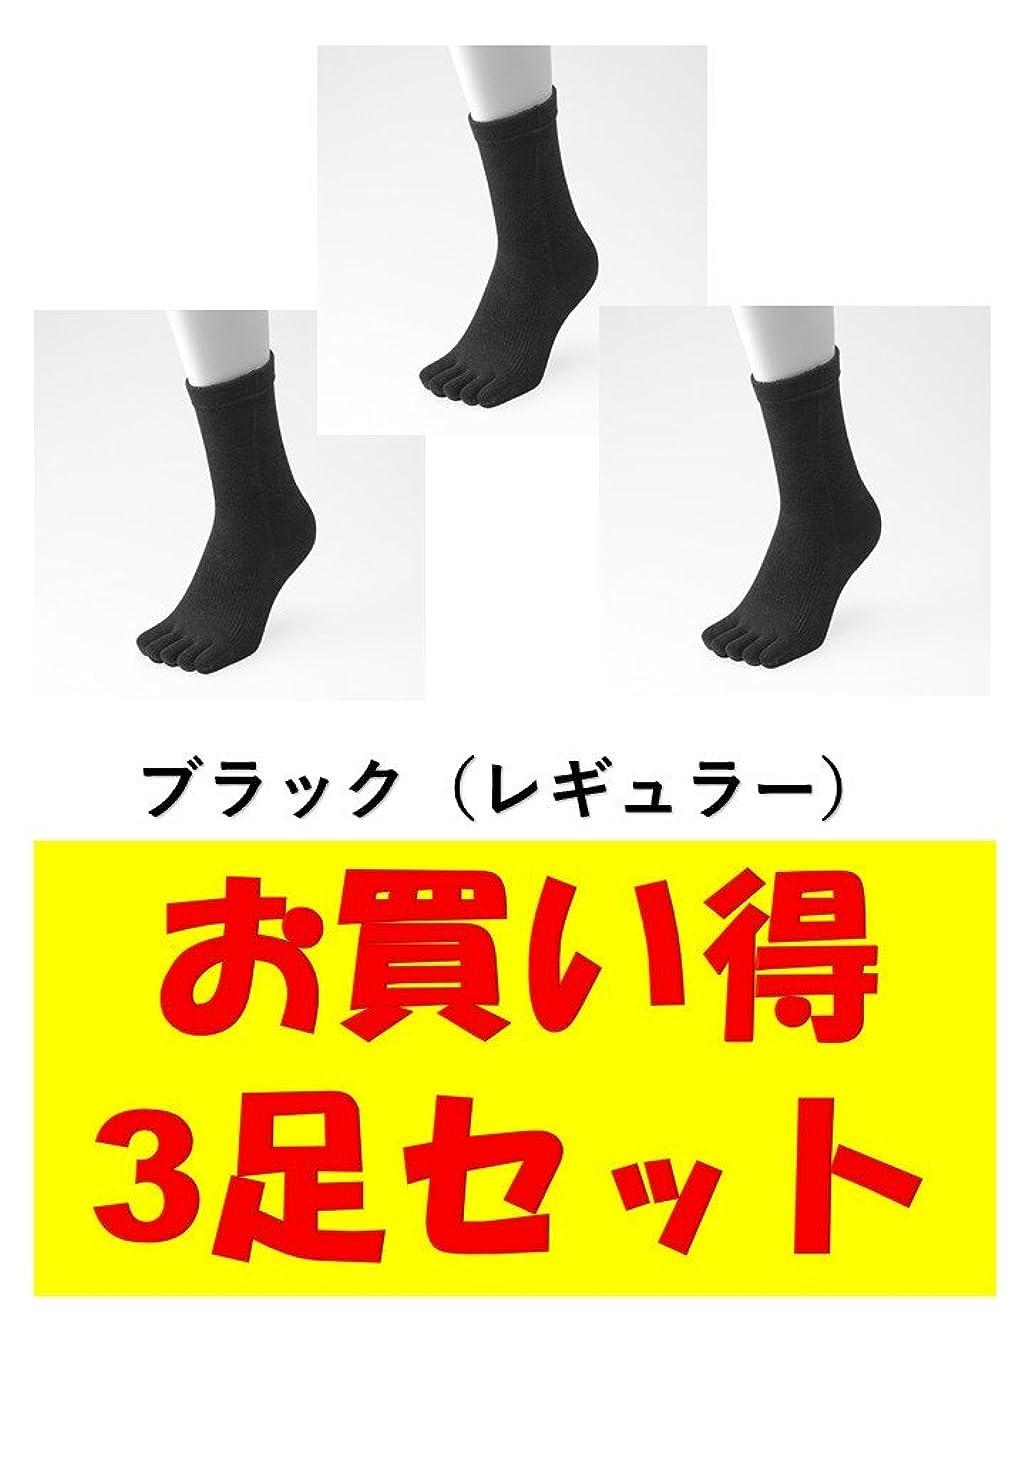 エンコミウム滞在具体的にお買い得3足セット 5本指 ゆびのばソックス ゆびのばレギュラー ブラック 女性用 22.0cm-25.5cm HSREGR-BLK